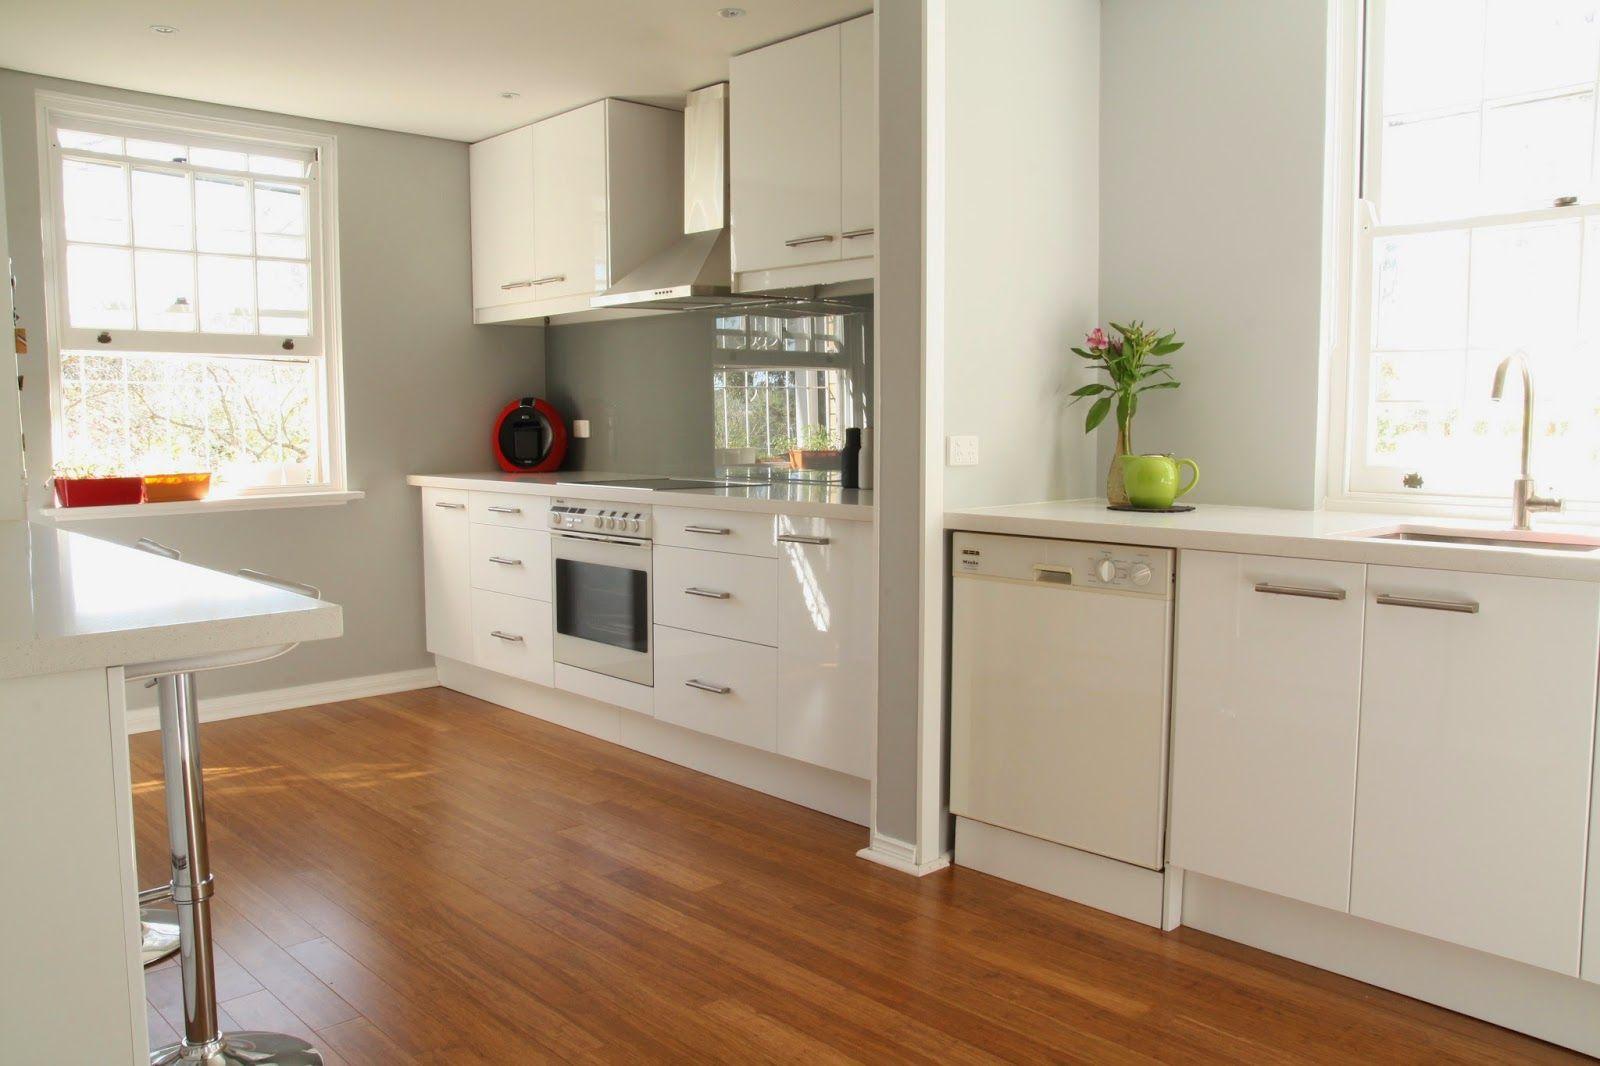 Kitchen Renovation Complete Makeover Before After Kitchen Renovation White Kitchen Design Kitchen Cabinets And Backsplash